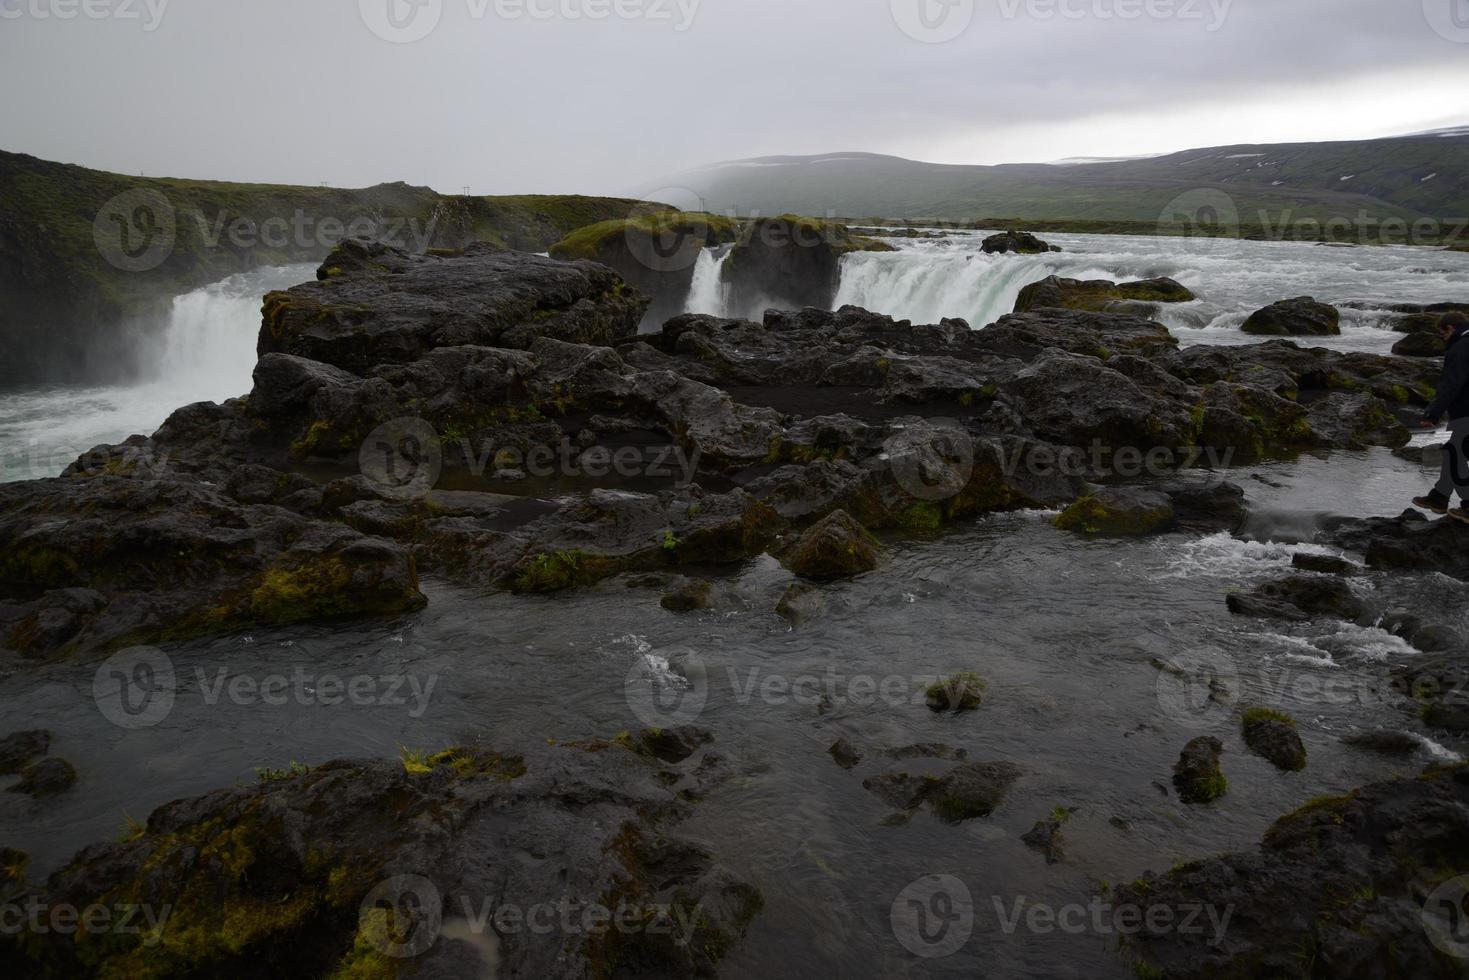 wasserfall op het eiland foto